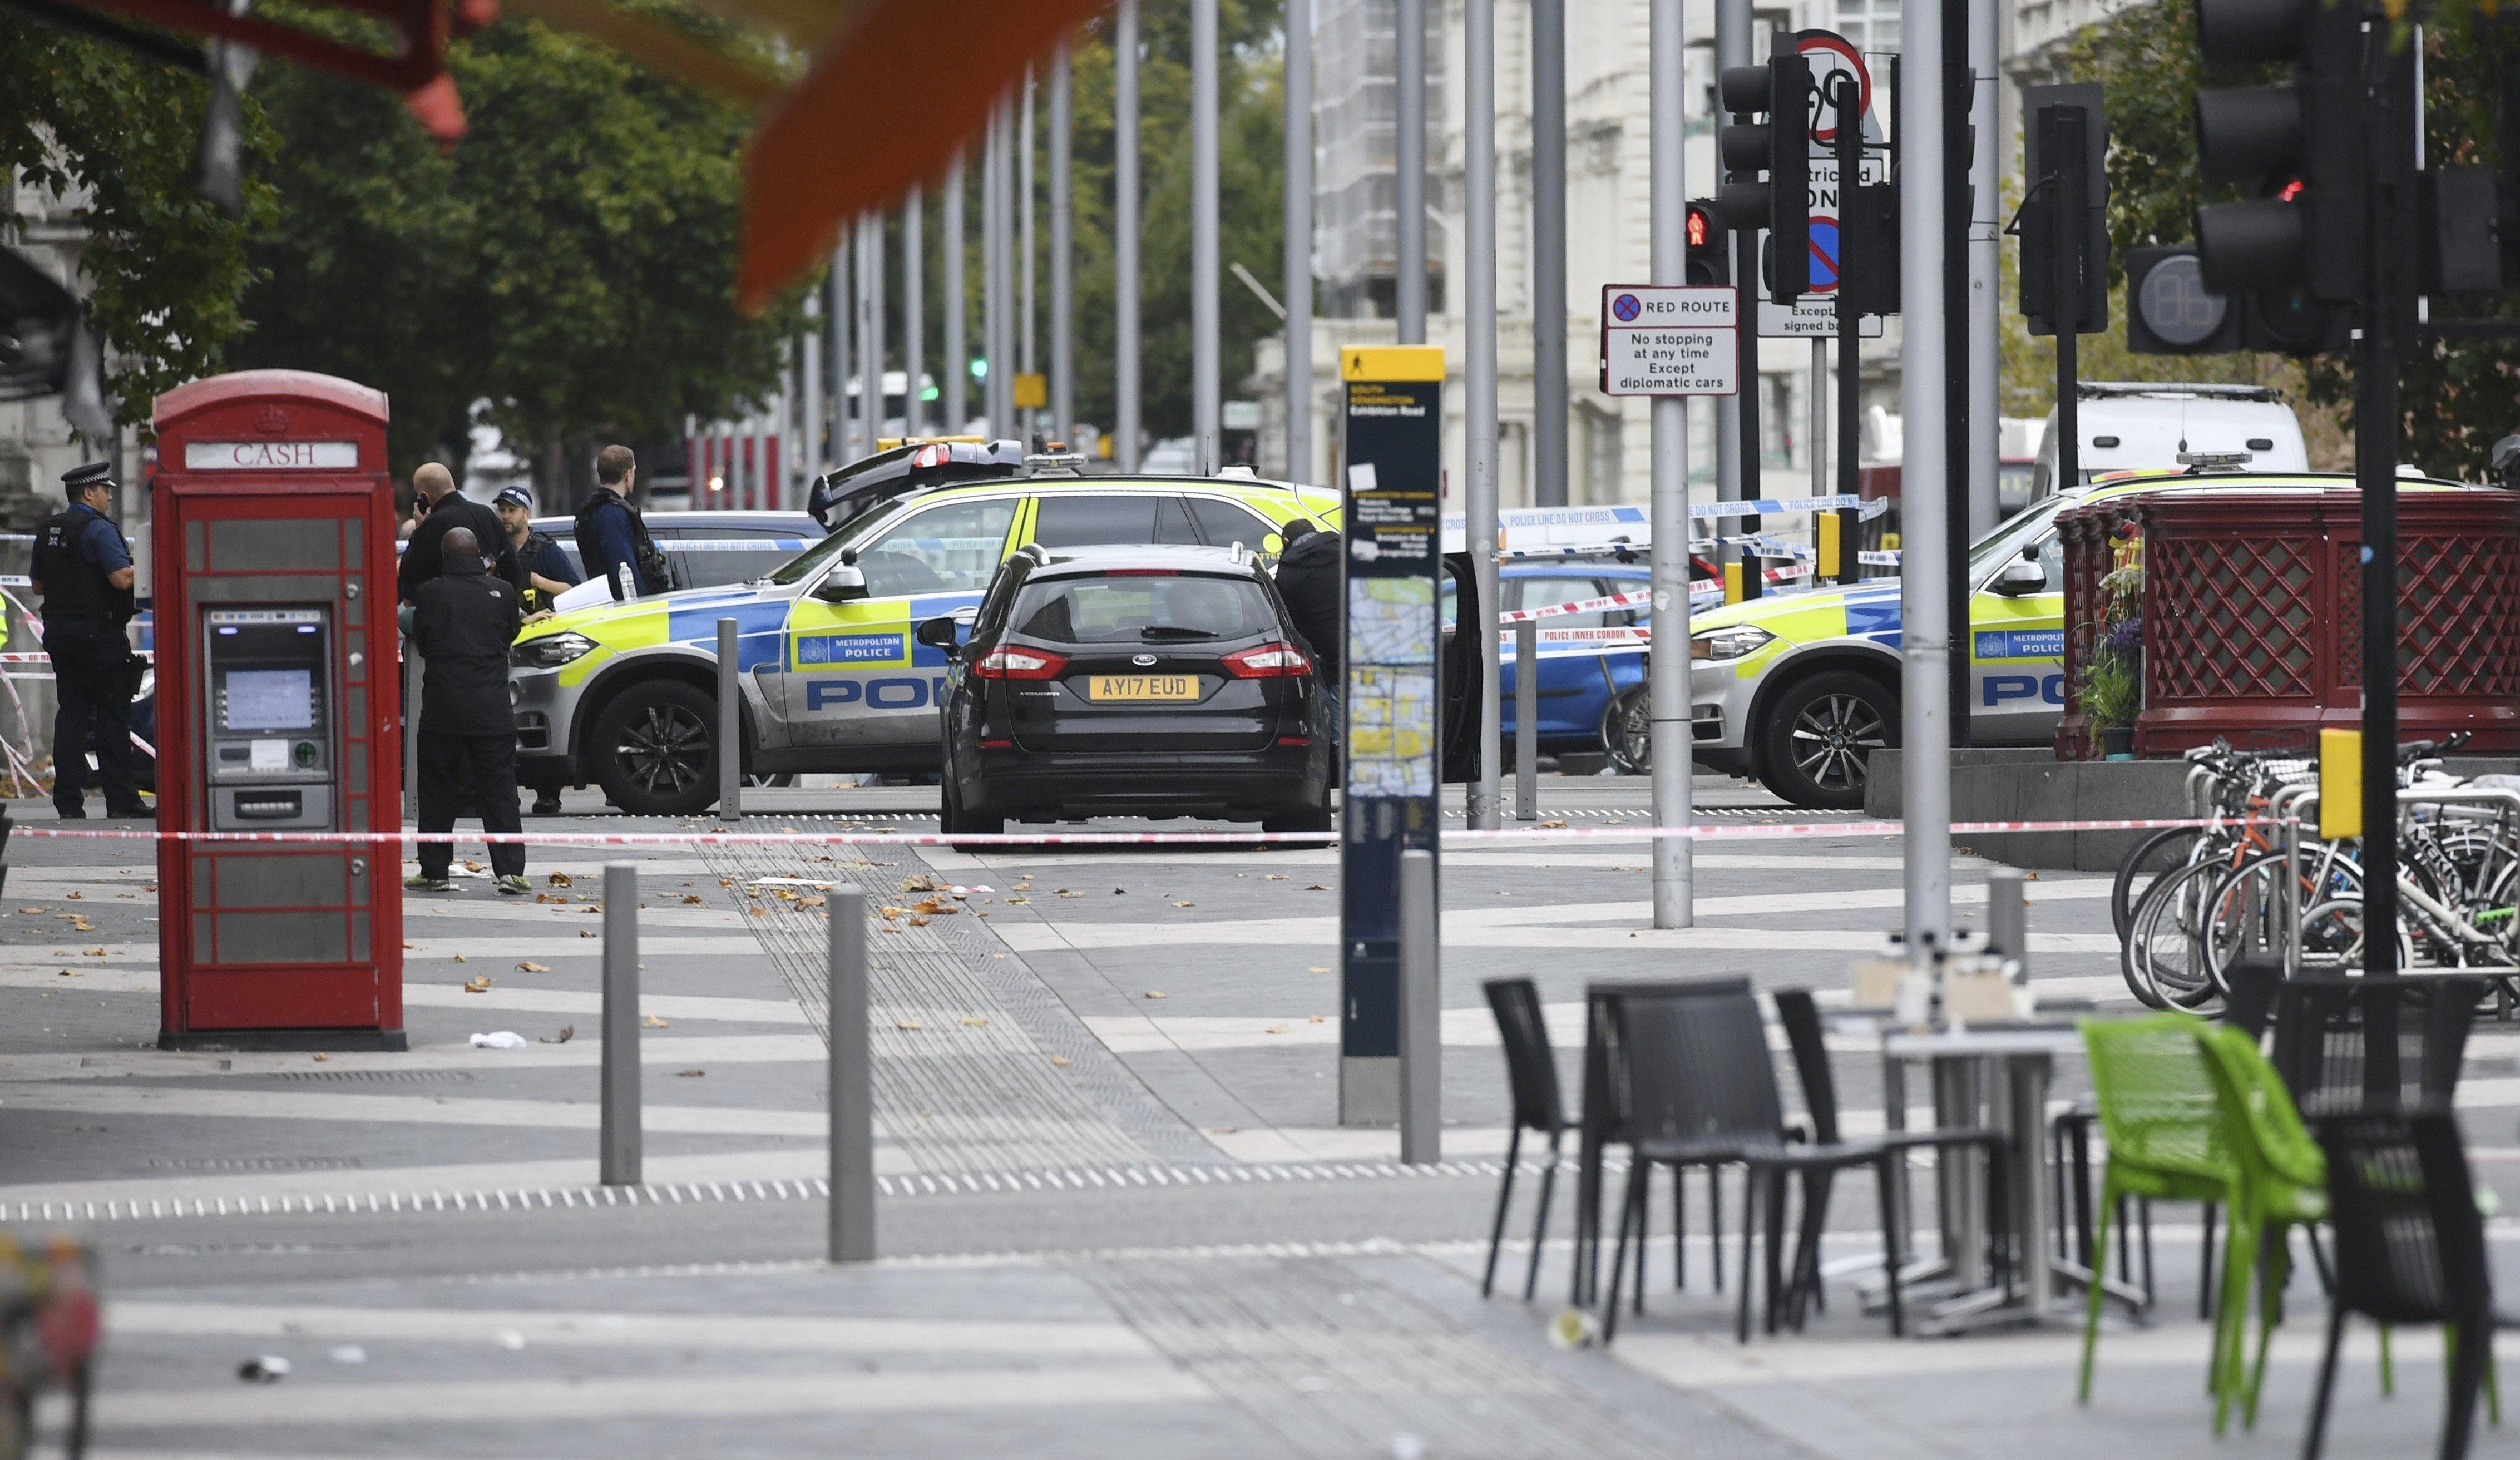 La Policia Metropolitana de Londres vigilen el Museu d'Història Natural. Diverses persones van resultar ferides aquest dissabte en ser atropellades per un vehicle. /FACUNDO ARRIZABALAGA